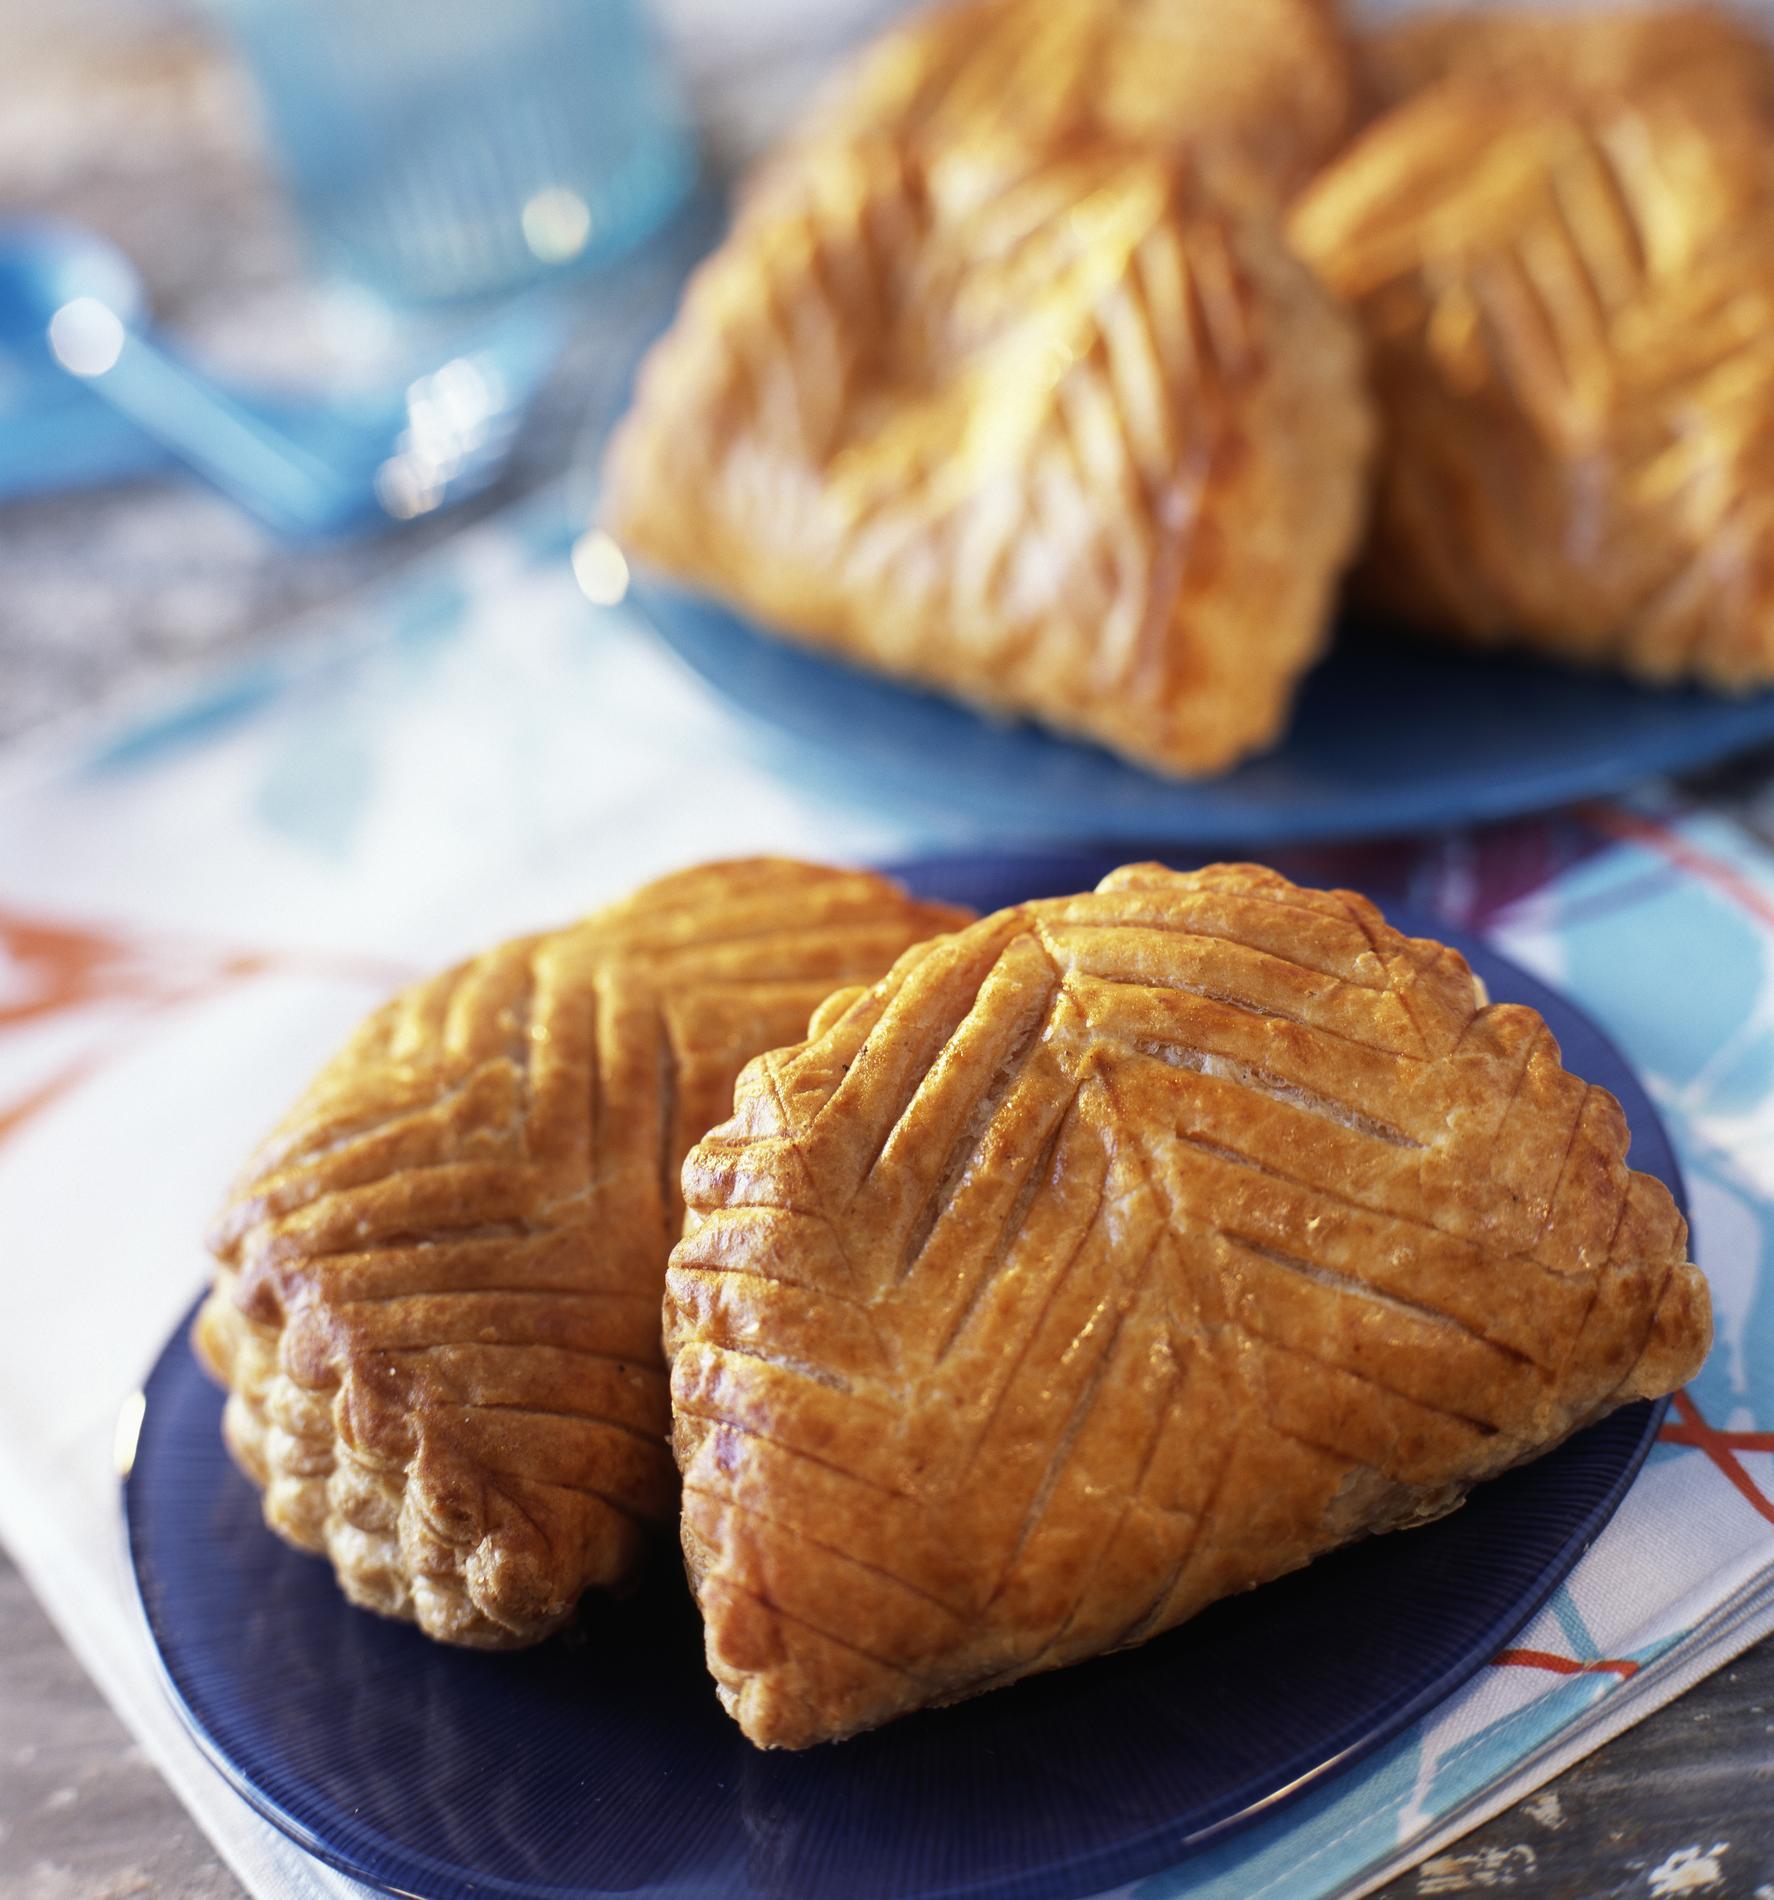 Recette chaussons aux pommes cuisine madame figaro - Site de recettes cuisine ...